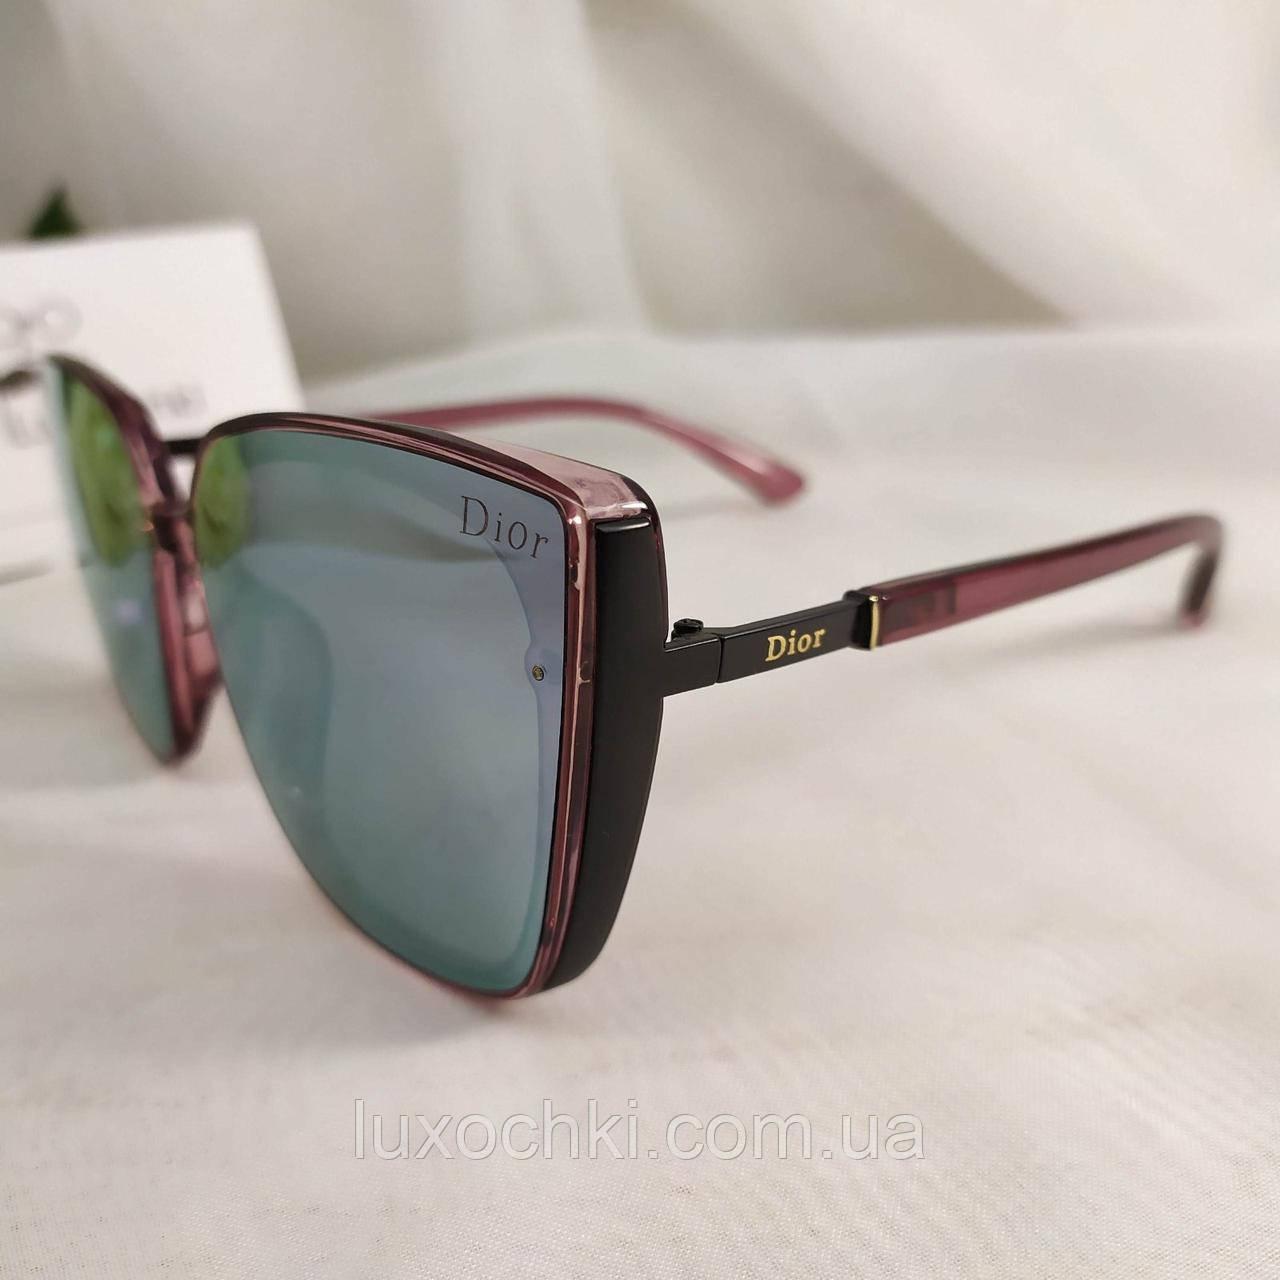 Жіночі стильні поляризовані окуляри з дзеркальними лінзами